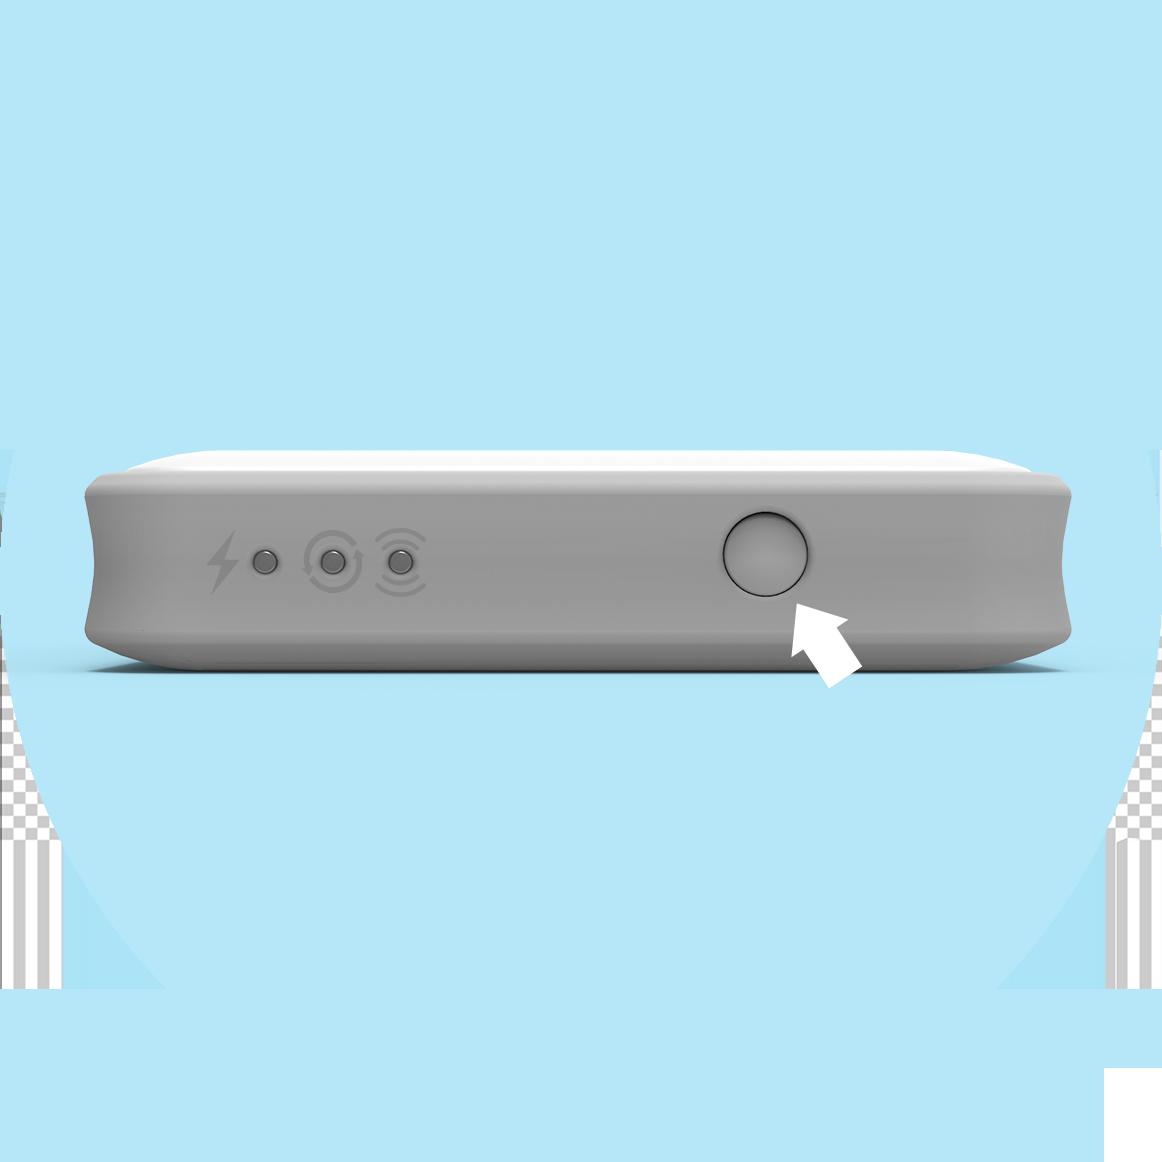 PocketCloud Power Button